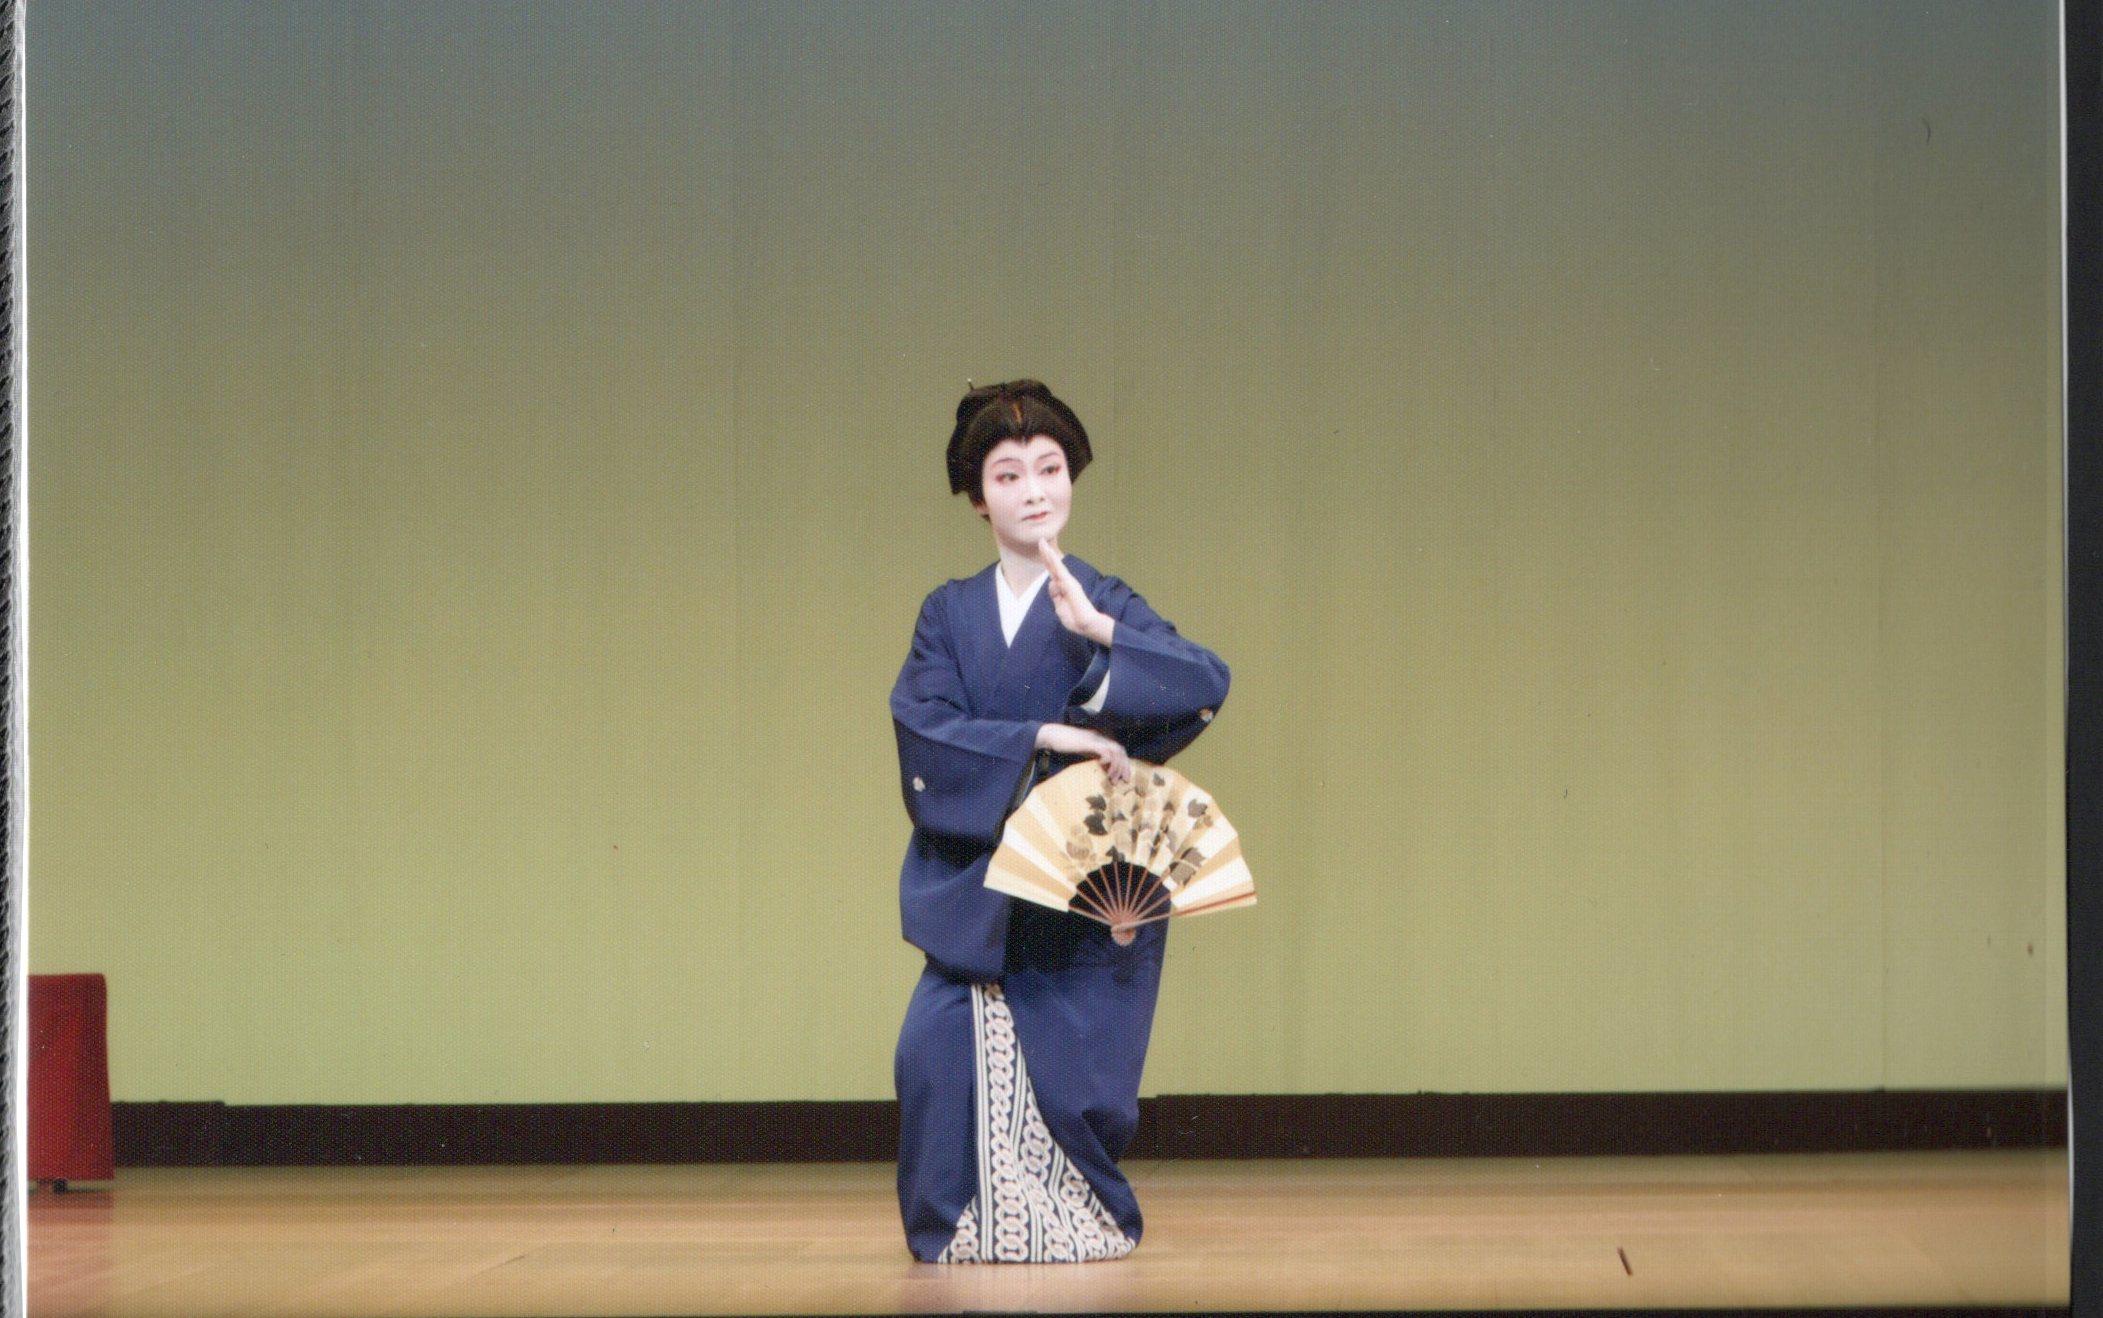 お師匠さんの「丁寧に踊れ」の意味と、胸から二の腕の形を美しくする方法